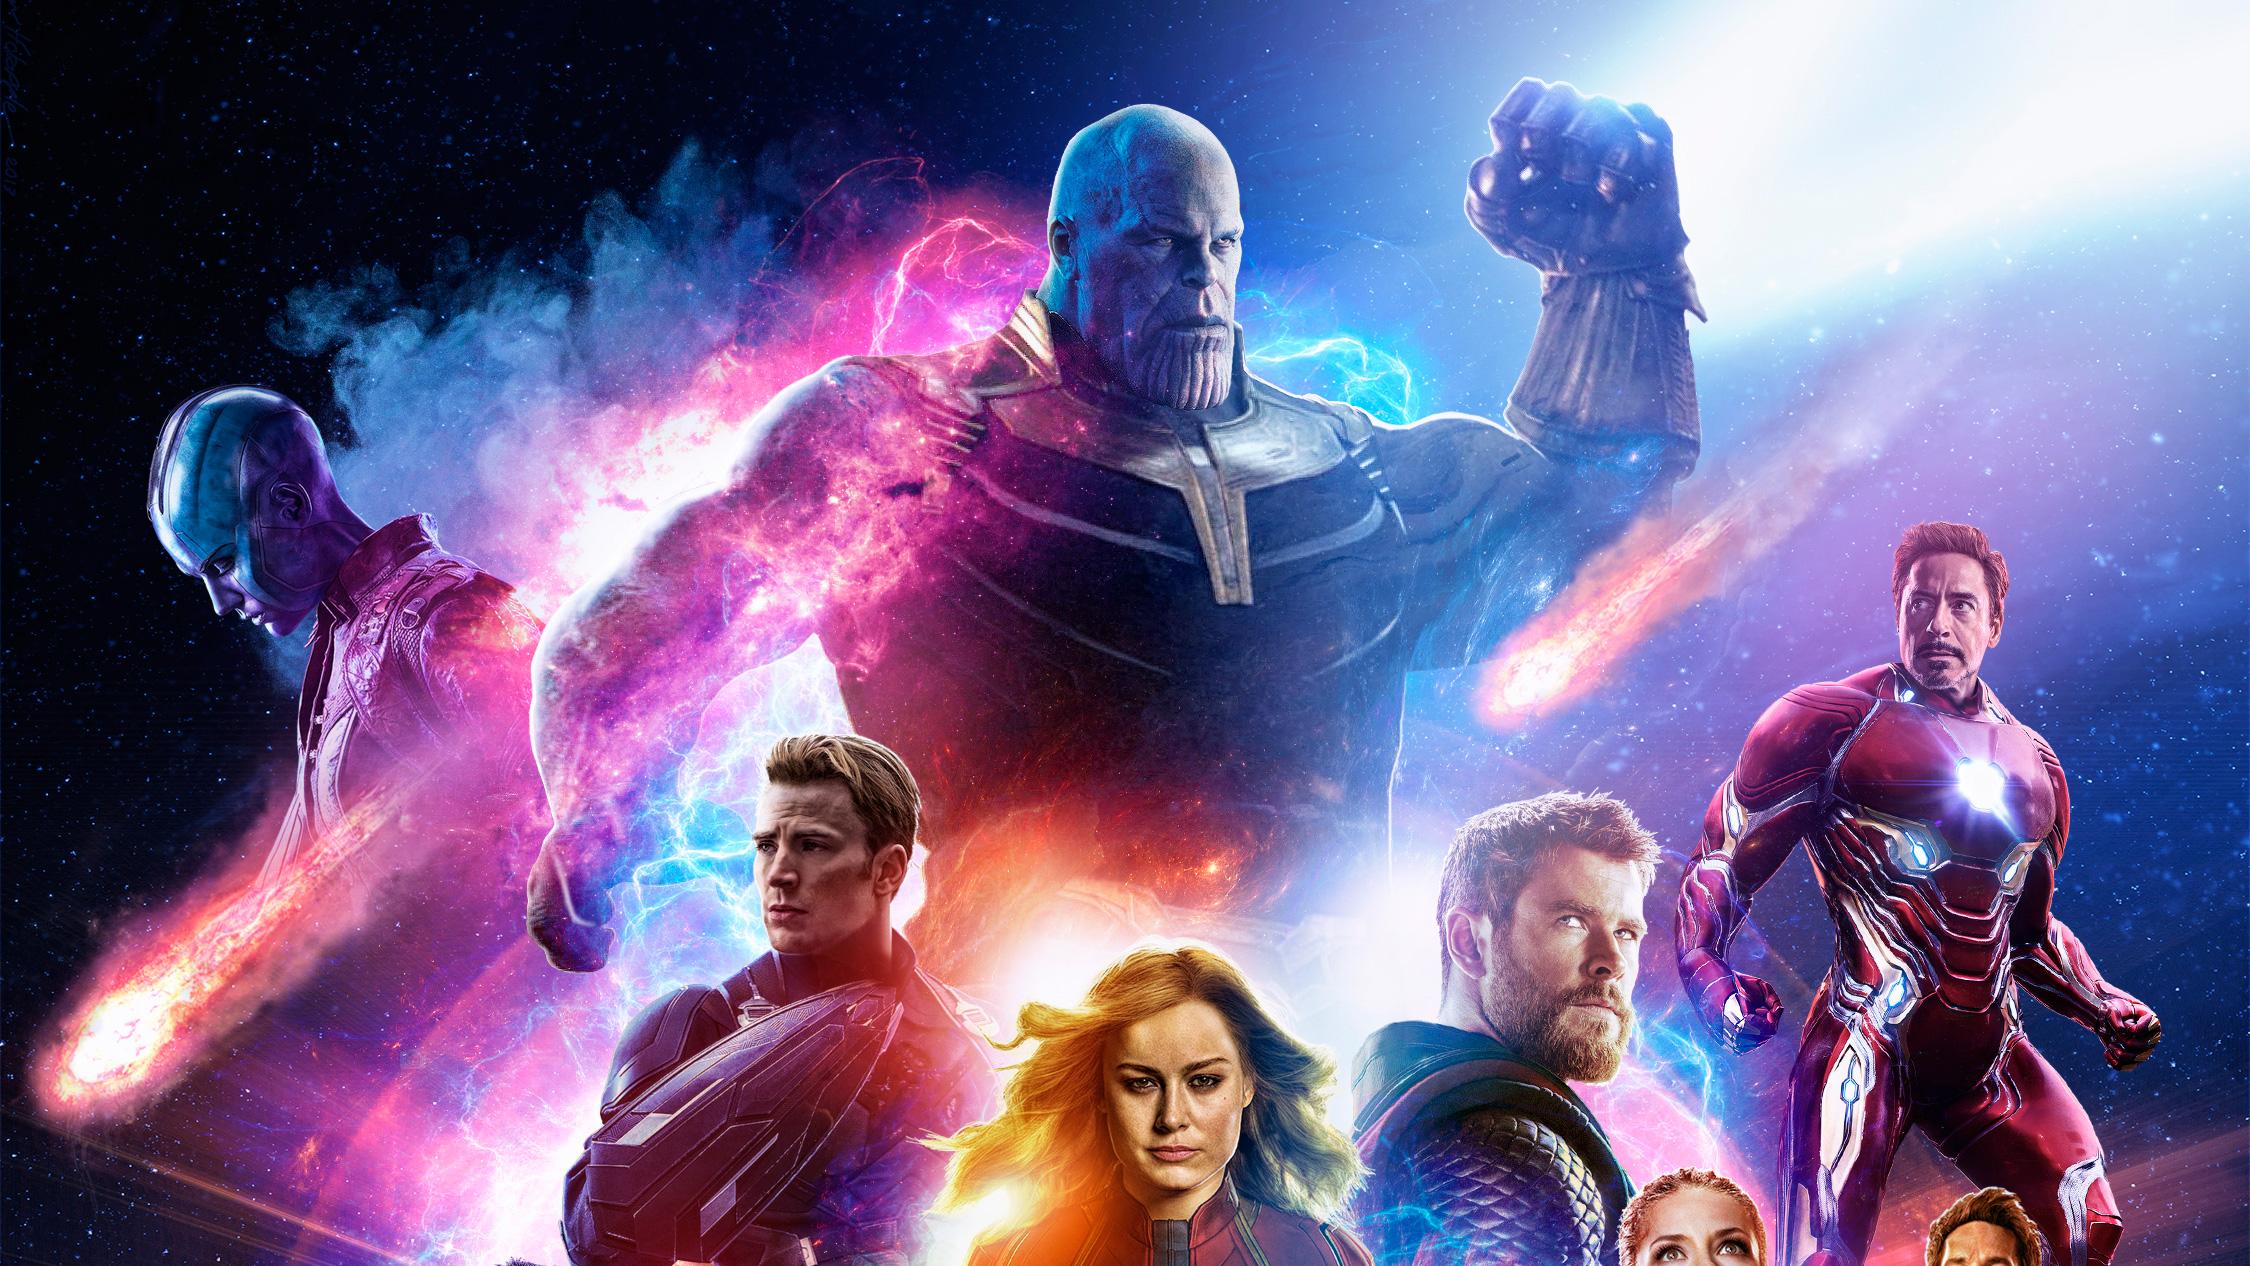 Captain marvel wallpaper for full hd screen 4